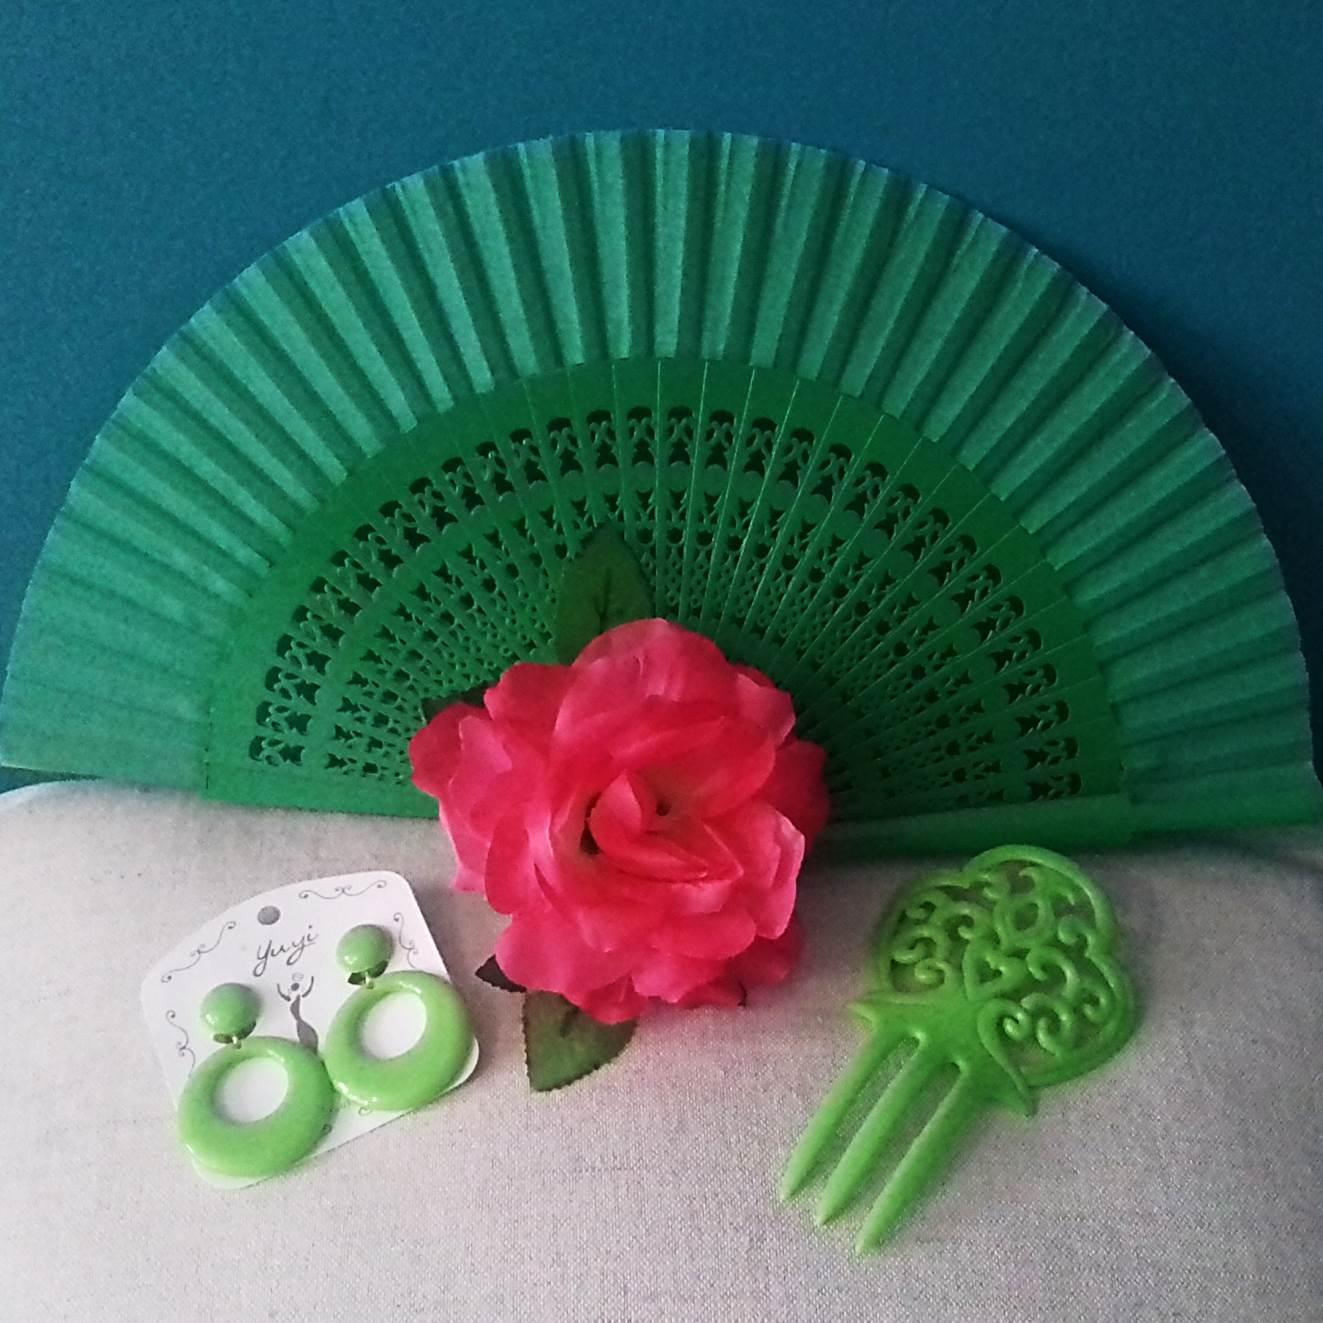 KIT VERANO FLAMENCO 06 - leque, brincos, flor e peineta